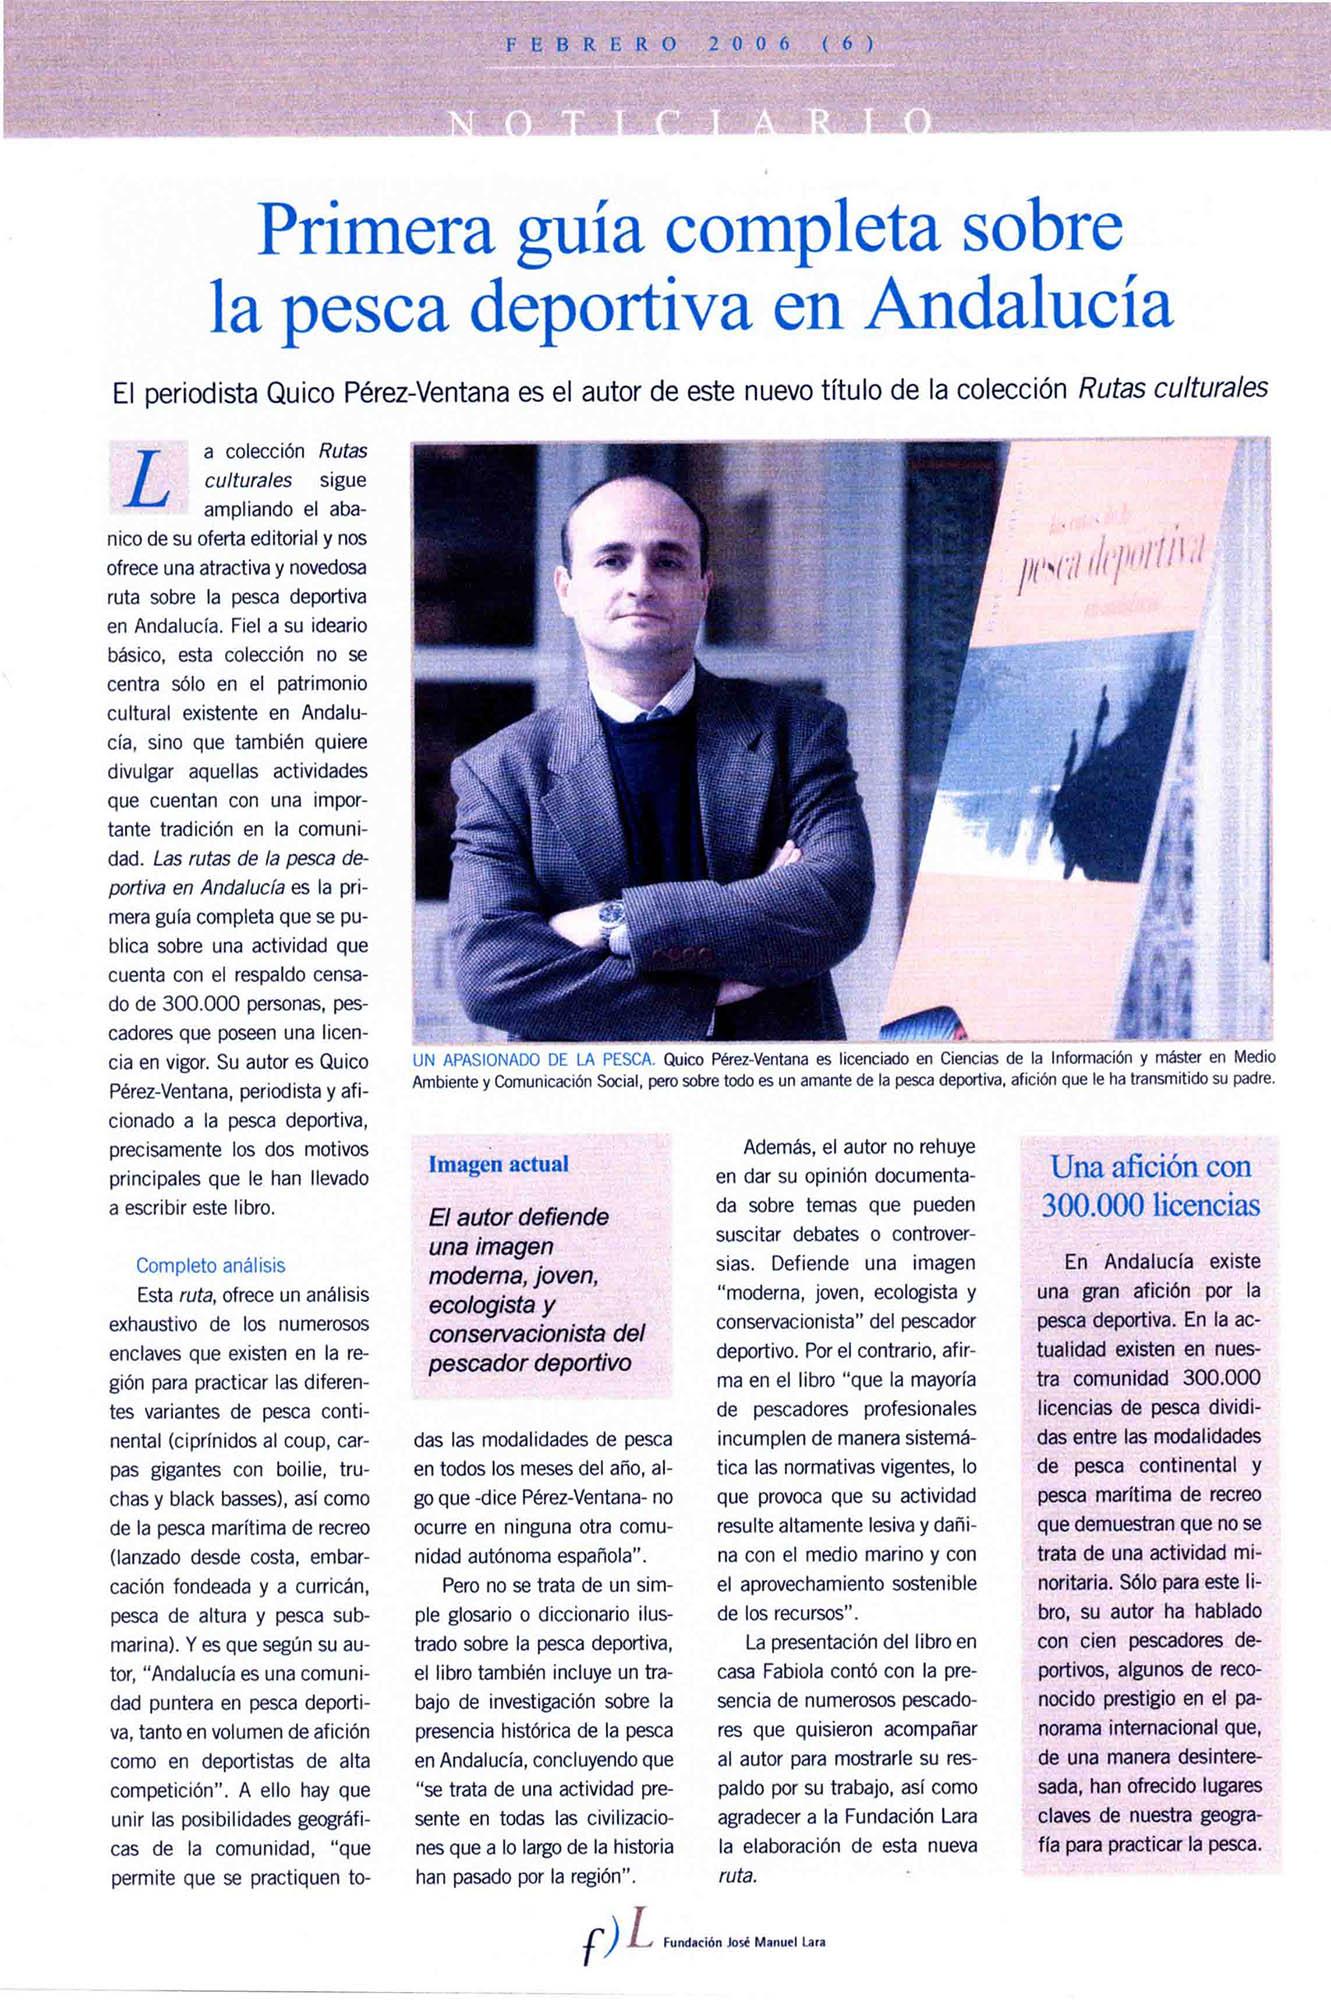 Primera guía completa sobre la pesca deportiva en Andalucía | Revista Mercurio | feb 2006